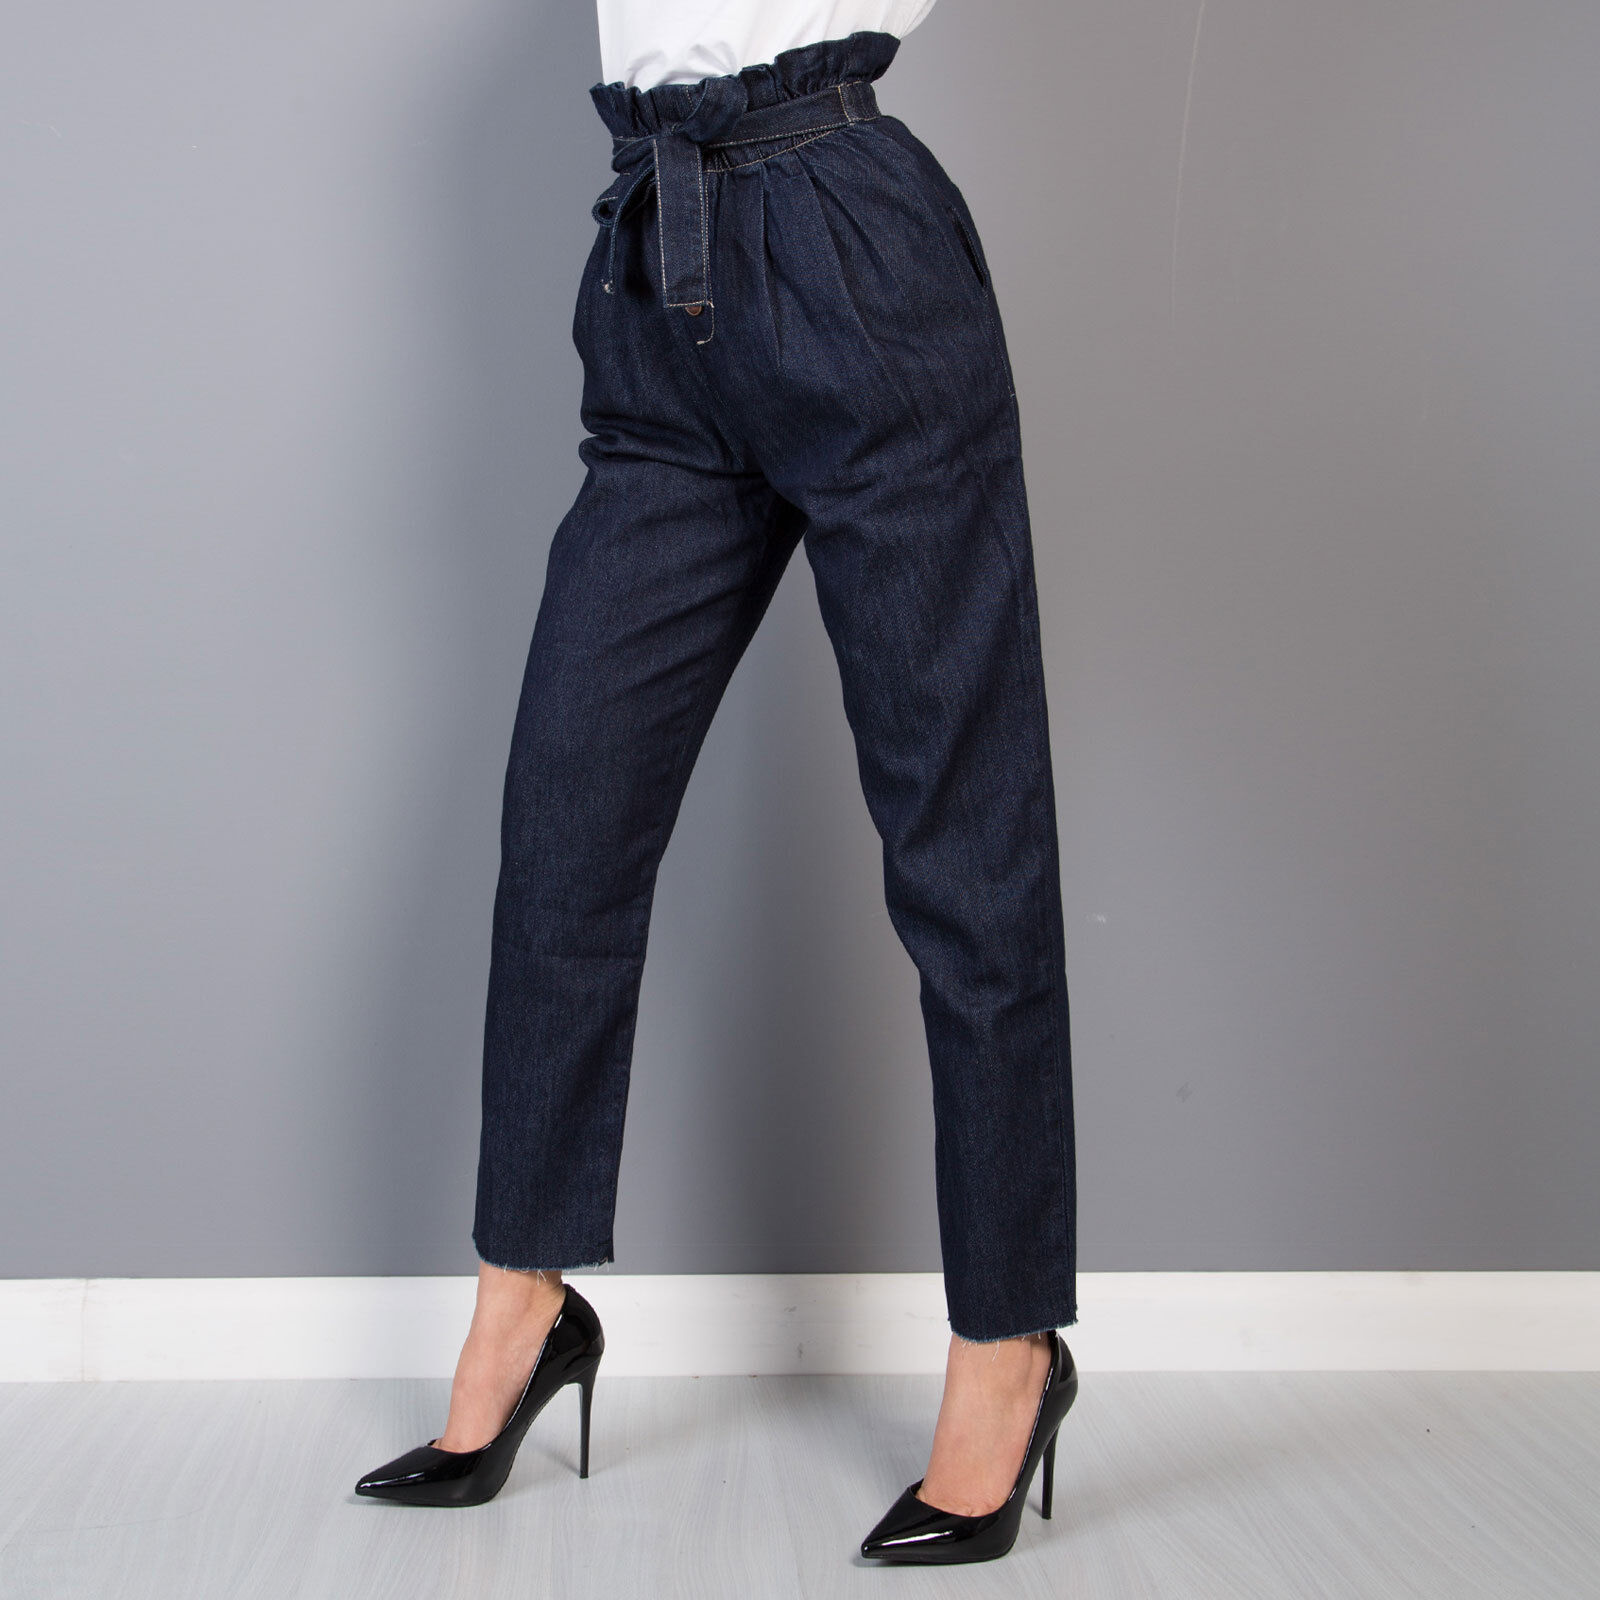 e6e22da882 Jeans donna blue pantaloni vita alta elastico fiocco aderente slim ...